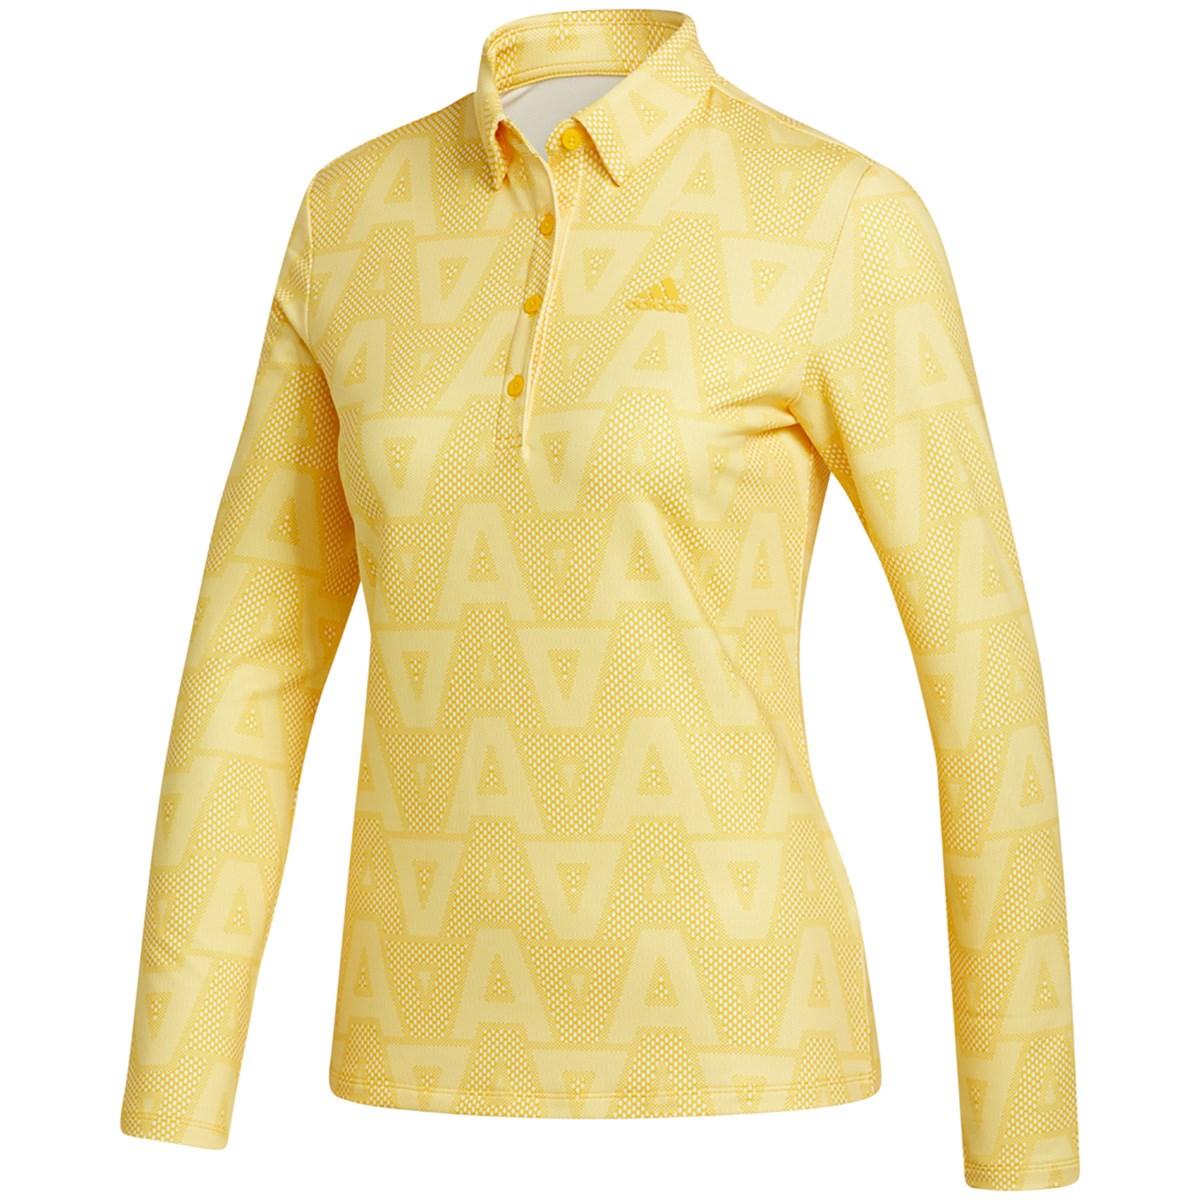 アディダス Adidas ジオメトリックパターン ストレッチ長袖ポロシャツ J/S ボールドゴールド レディス